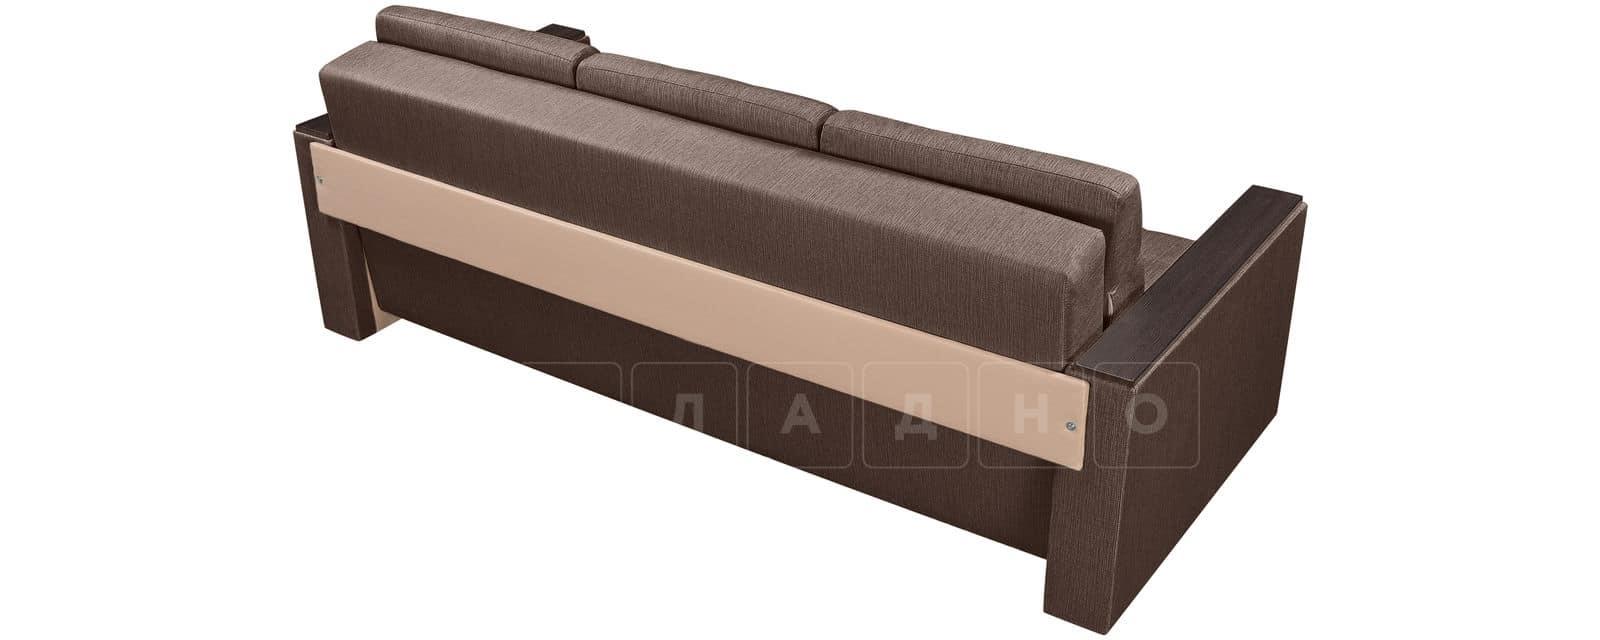 Диван Атланта рогожка коричневого цвета фото 3 | интернет-магазин Складно